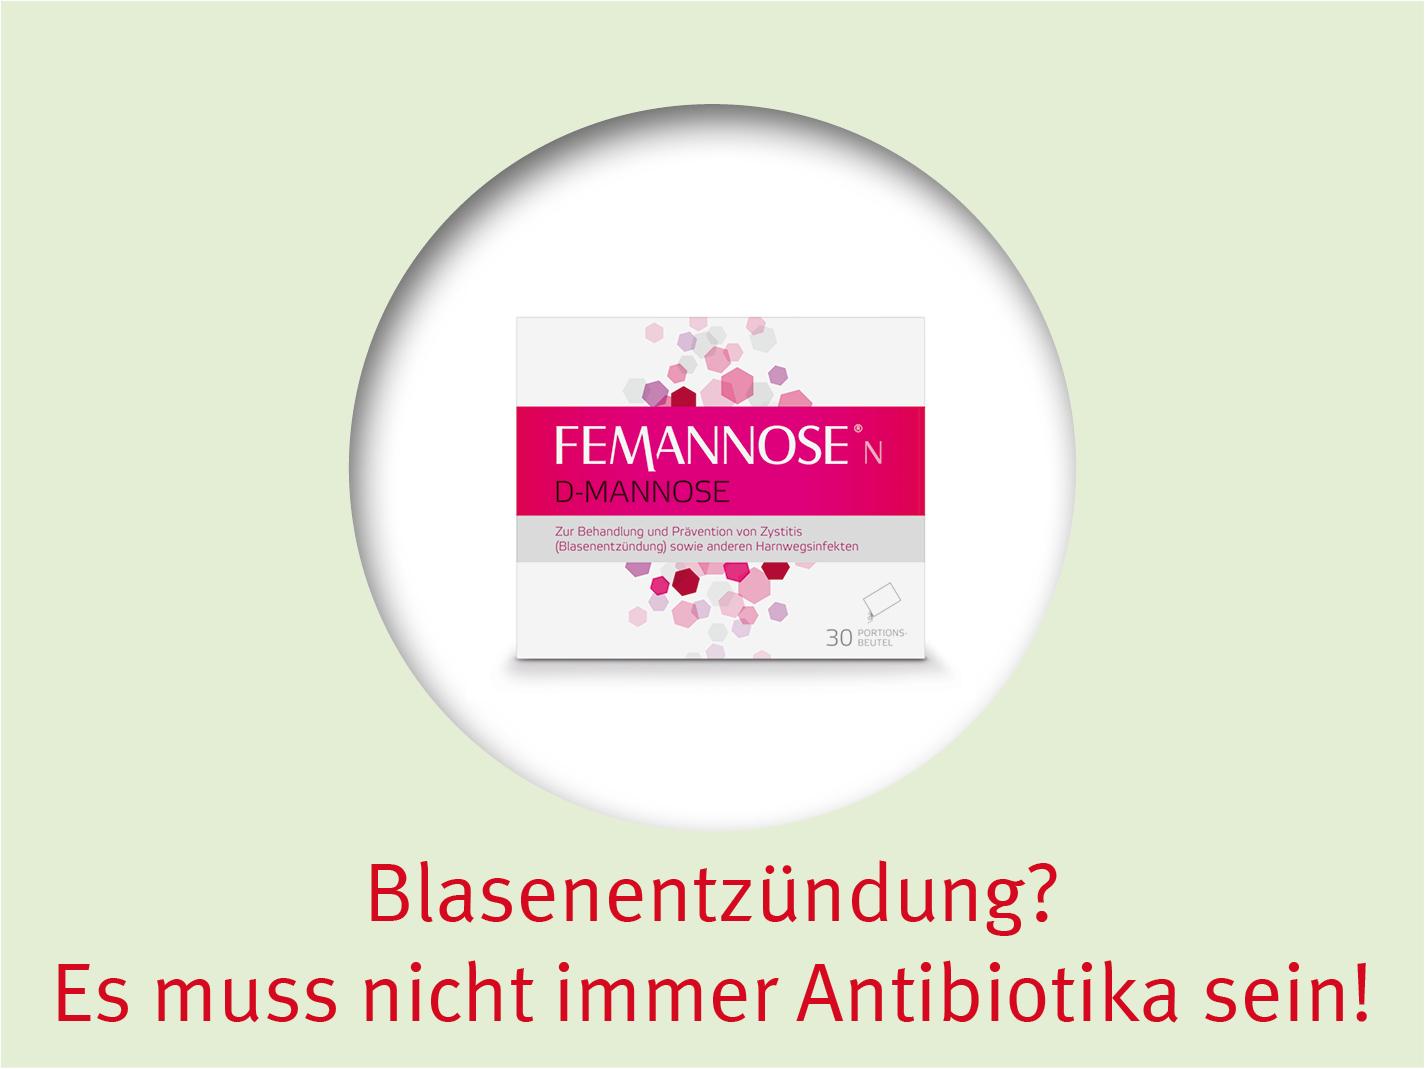 teaserbox_femannose_n_tp_homepage.jpg